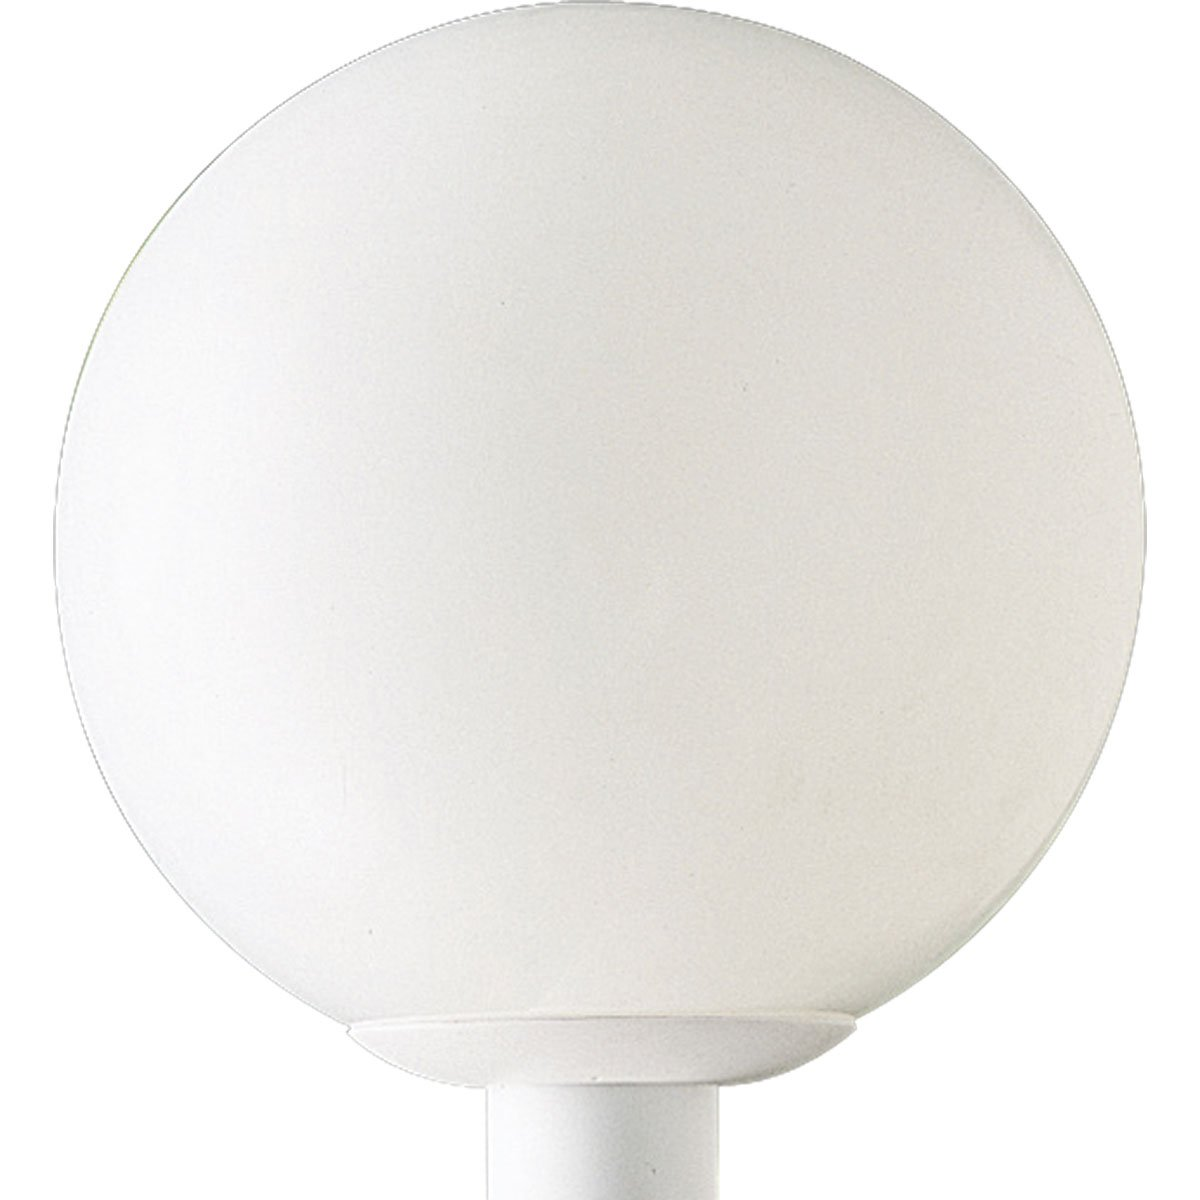 Progress Lighting P5426-60 Complete Post Lantern White Shatter-Resistant Acrylic Globe White Fitter, White by Progress Lighting